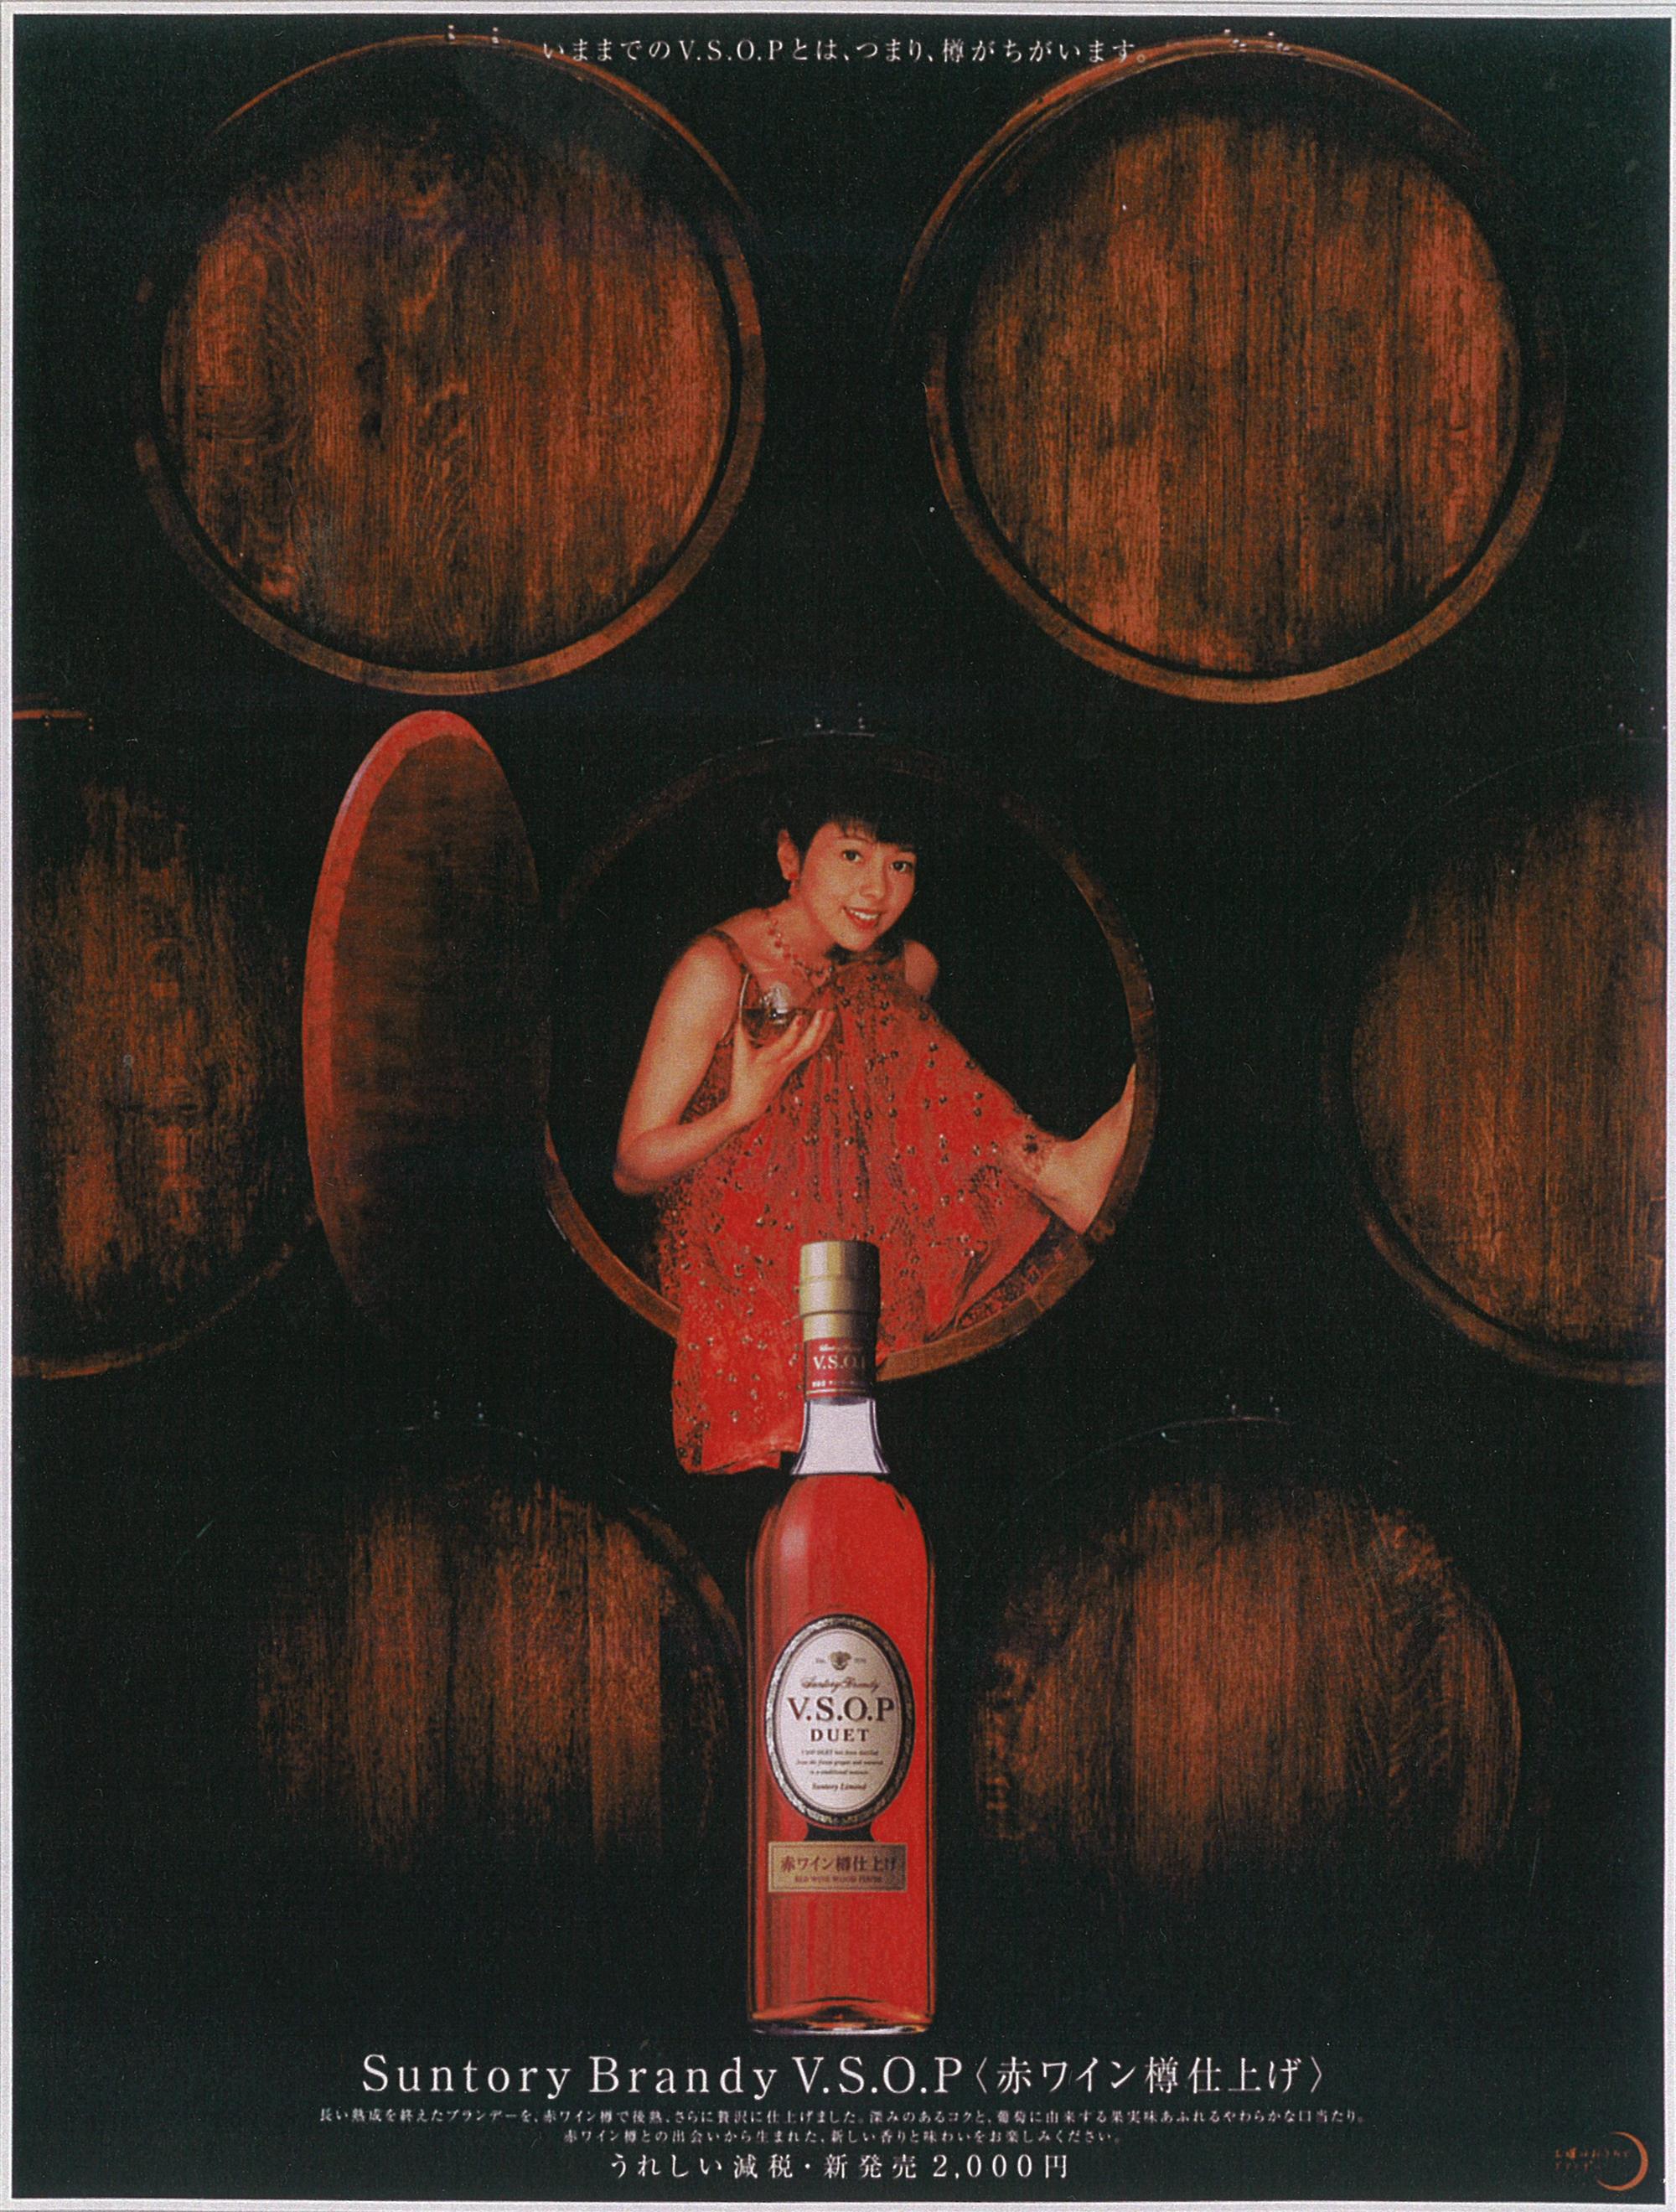 vsop赤ワイン靖子